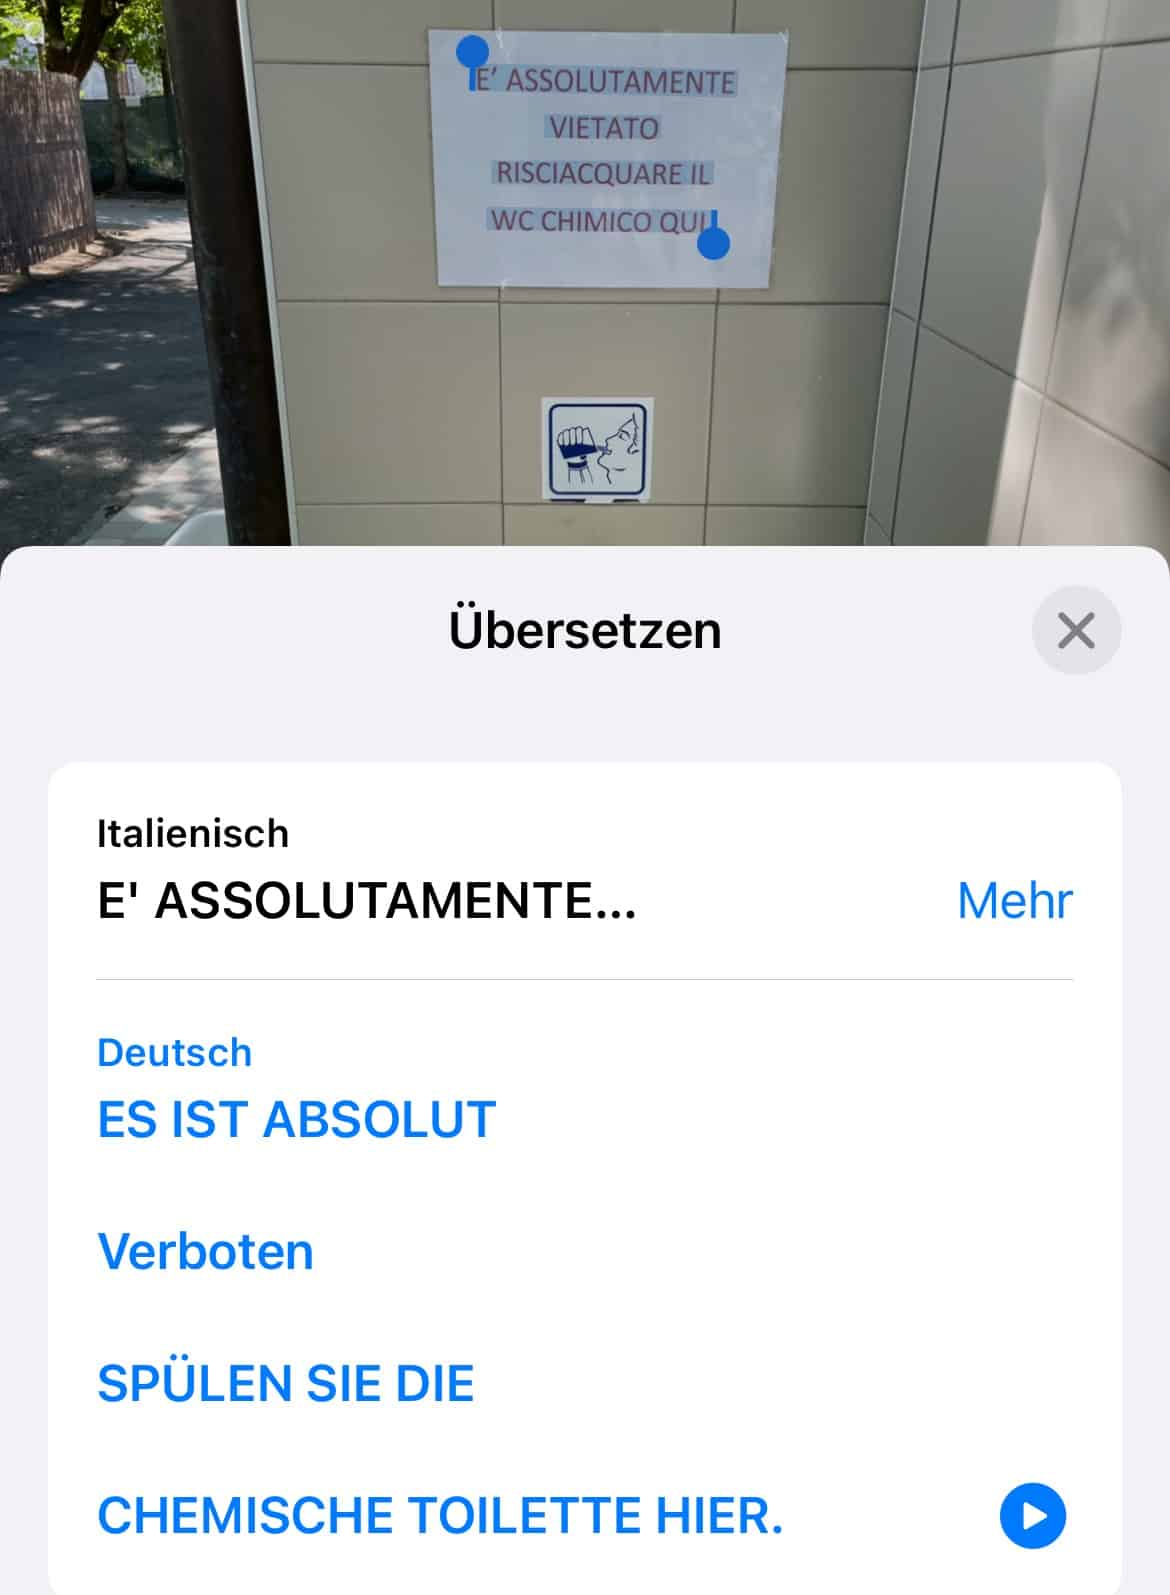 iPhone-iOS15-Fotos-enhaltender-Text-einfach-uebersetzen